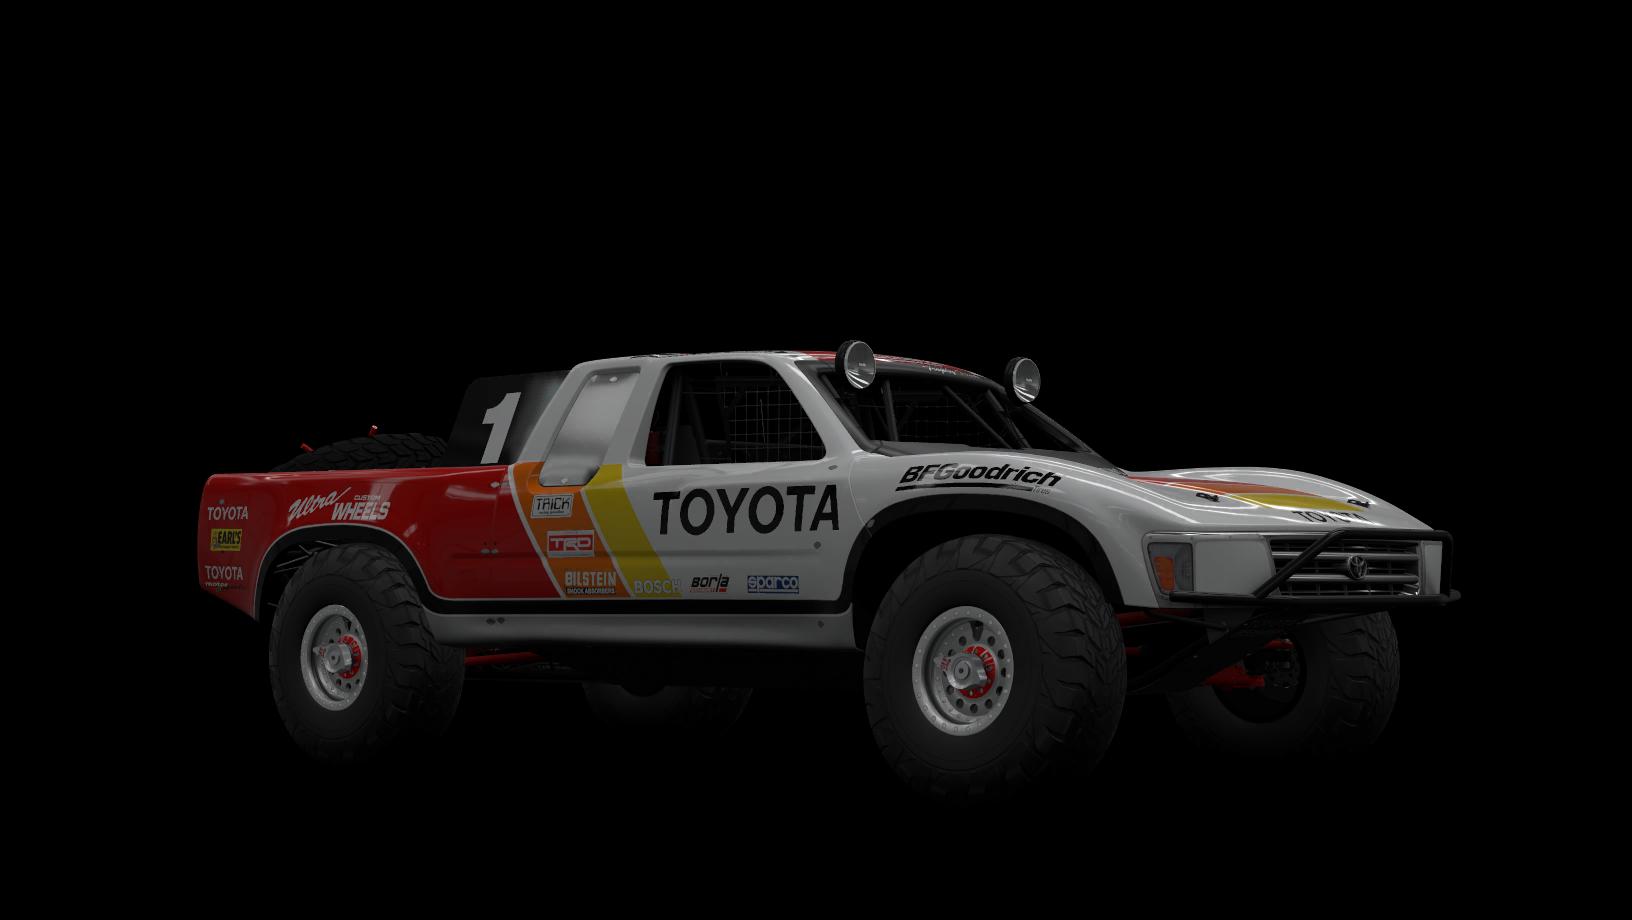 Toyota 1 T100 Baja Truck